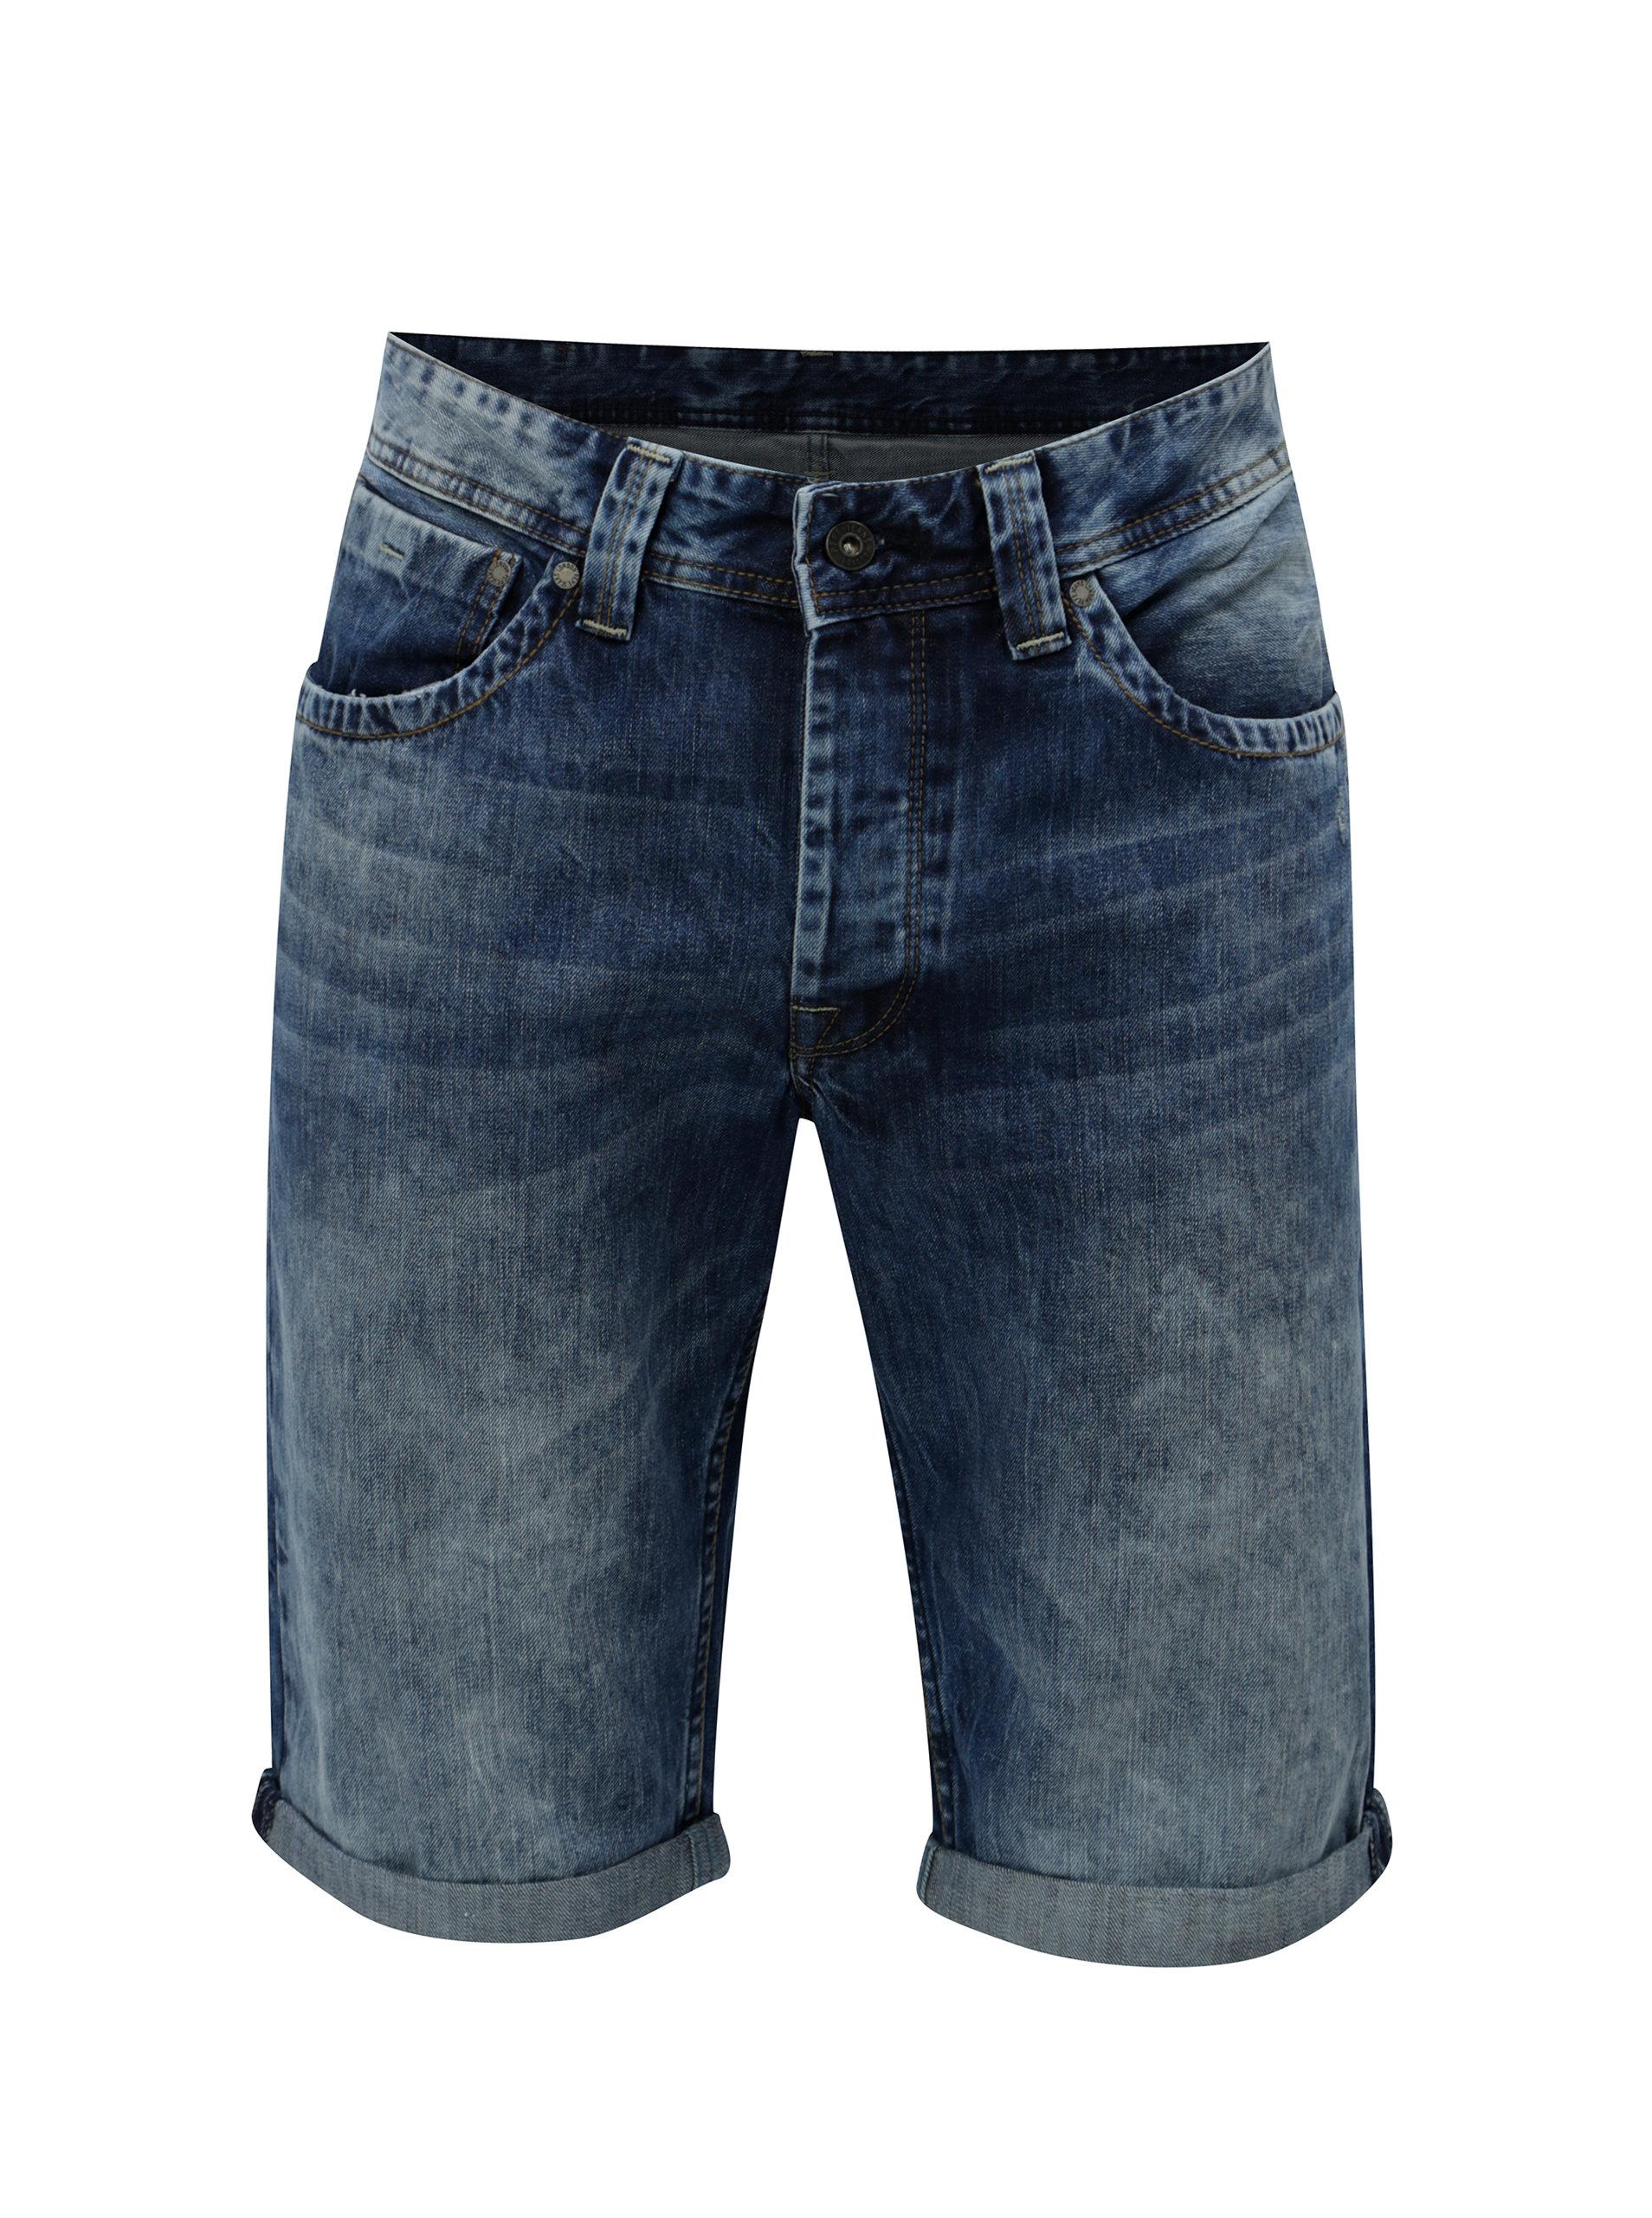 e5efc4bcb72 Tmavě modré pánské džínové kraťasy Pepe Jeans Crash short ...